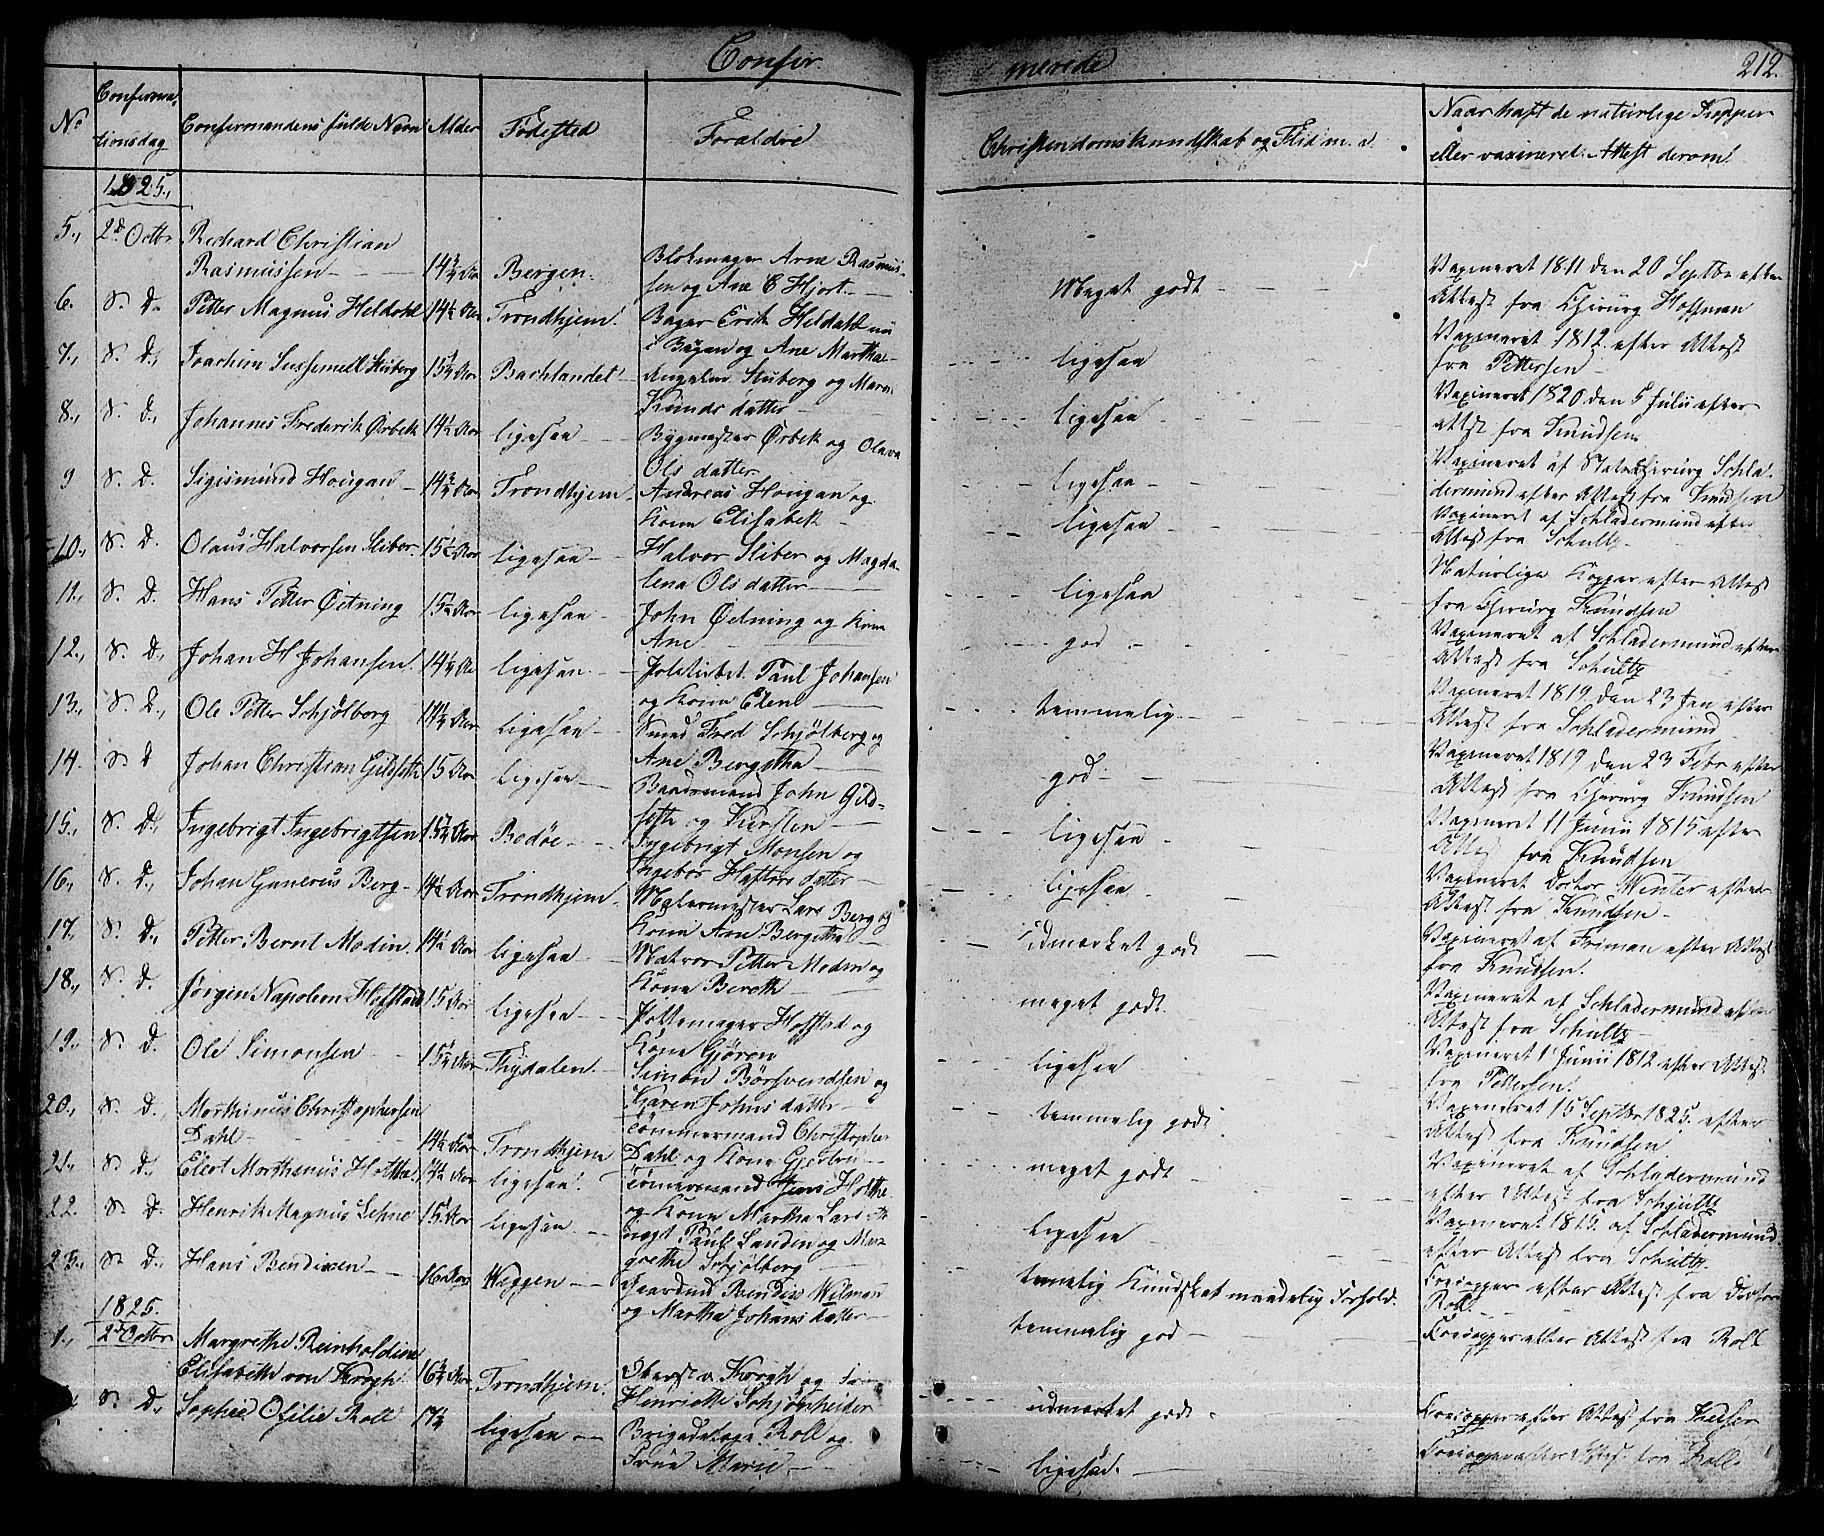 SAT, Ministerialprotokoller, klokkerbøker og fødselsregistre - Sør-Trøndelag, 601/L0045: Ministerialbok nr. 601A13, 1821-1831, s. 212